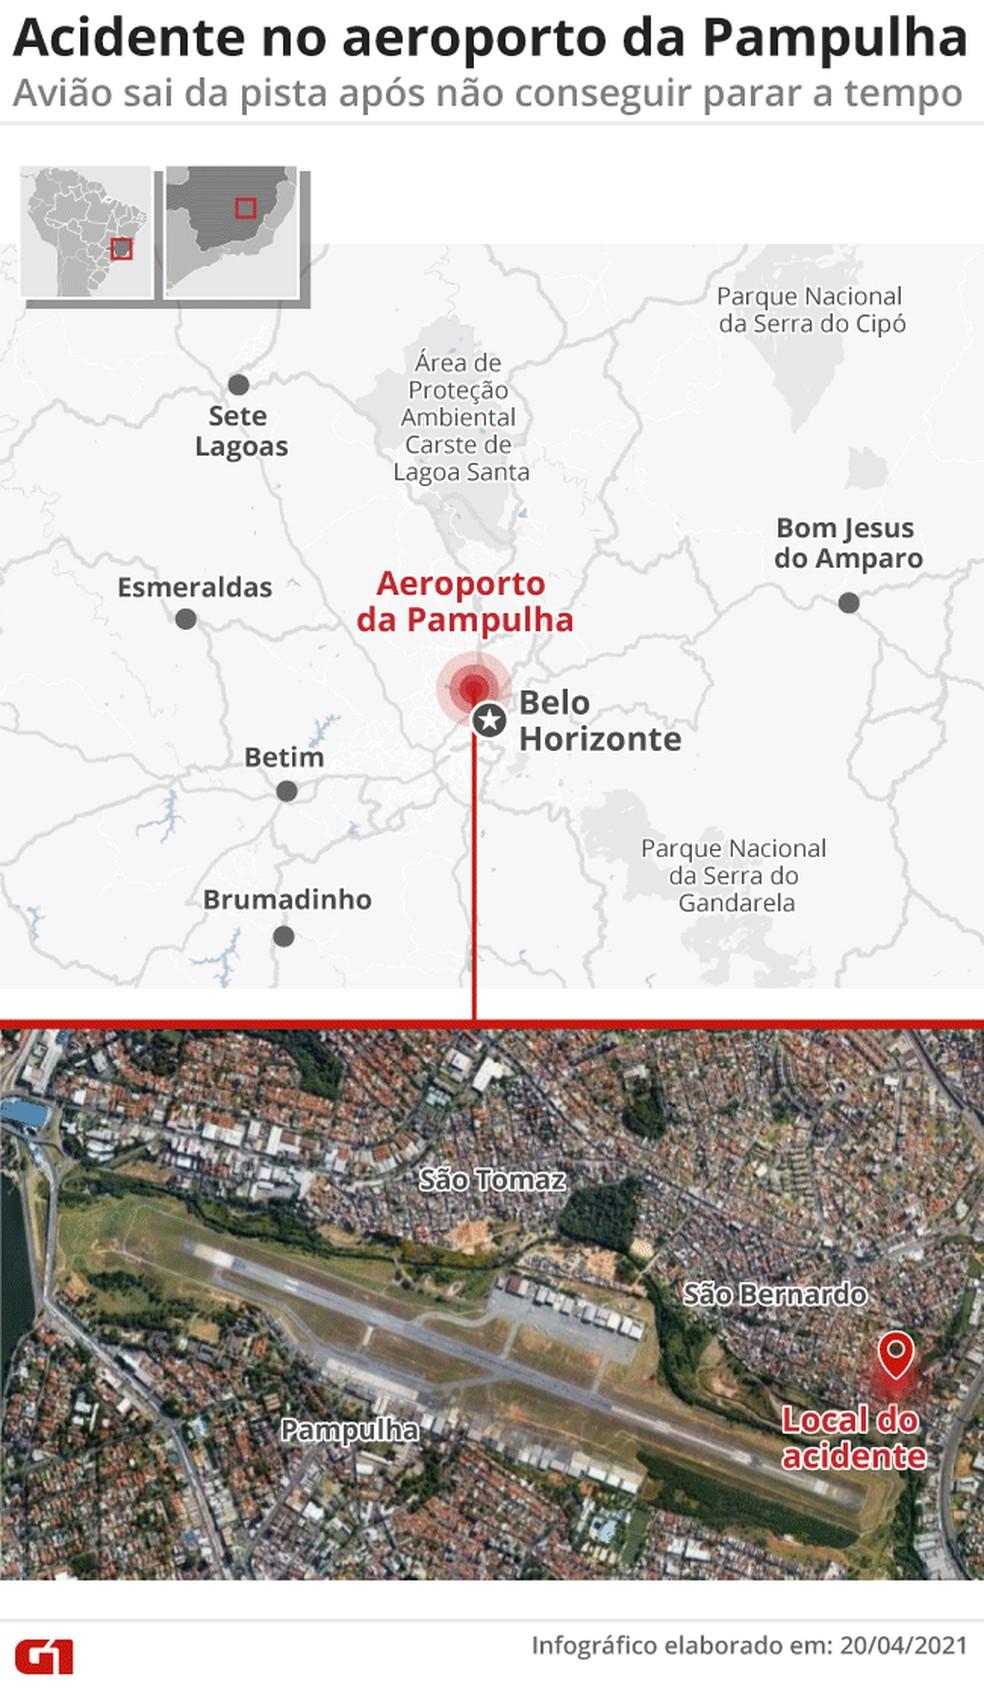 Acidente com aeronave deixa uma pessoa morta e duas feridas no aeroporto da Pampulha. — Foto: Arte G1